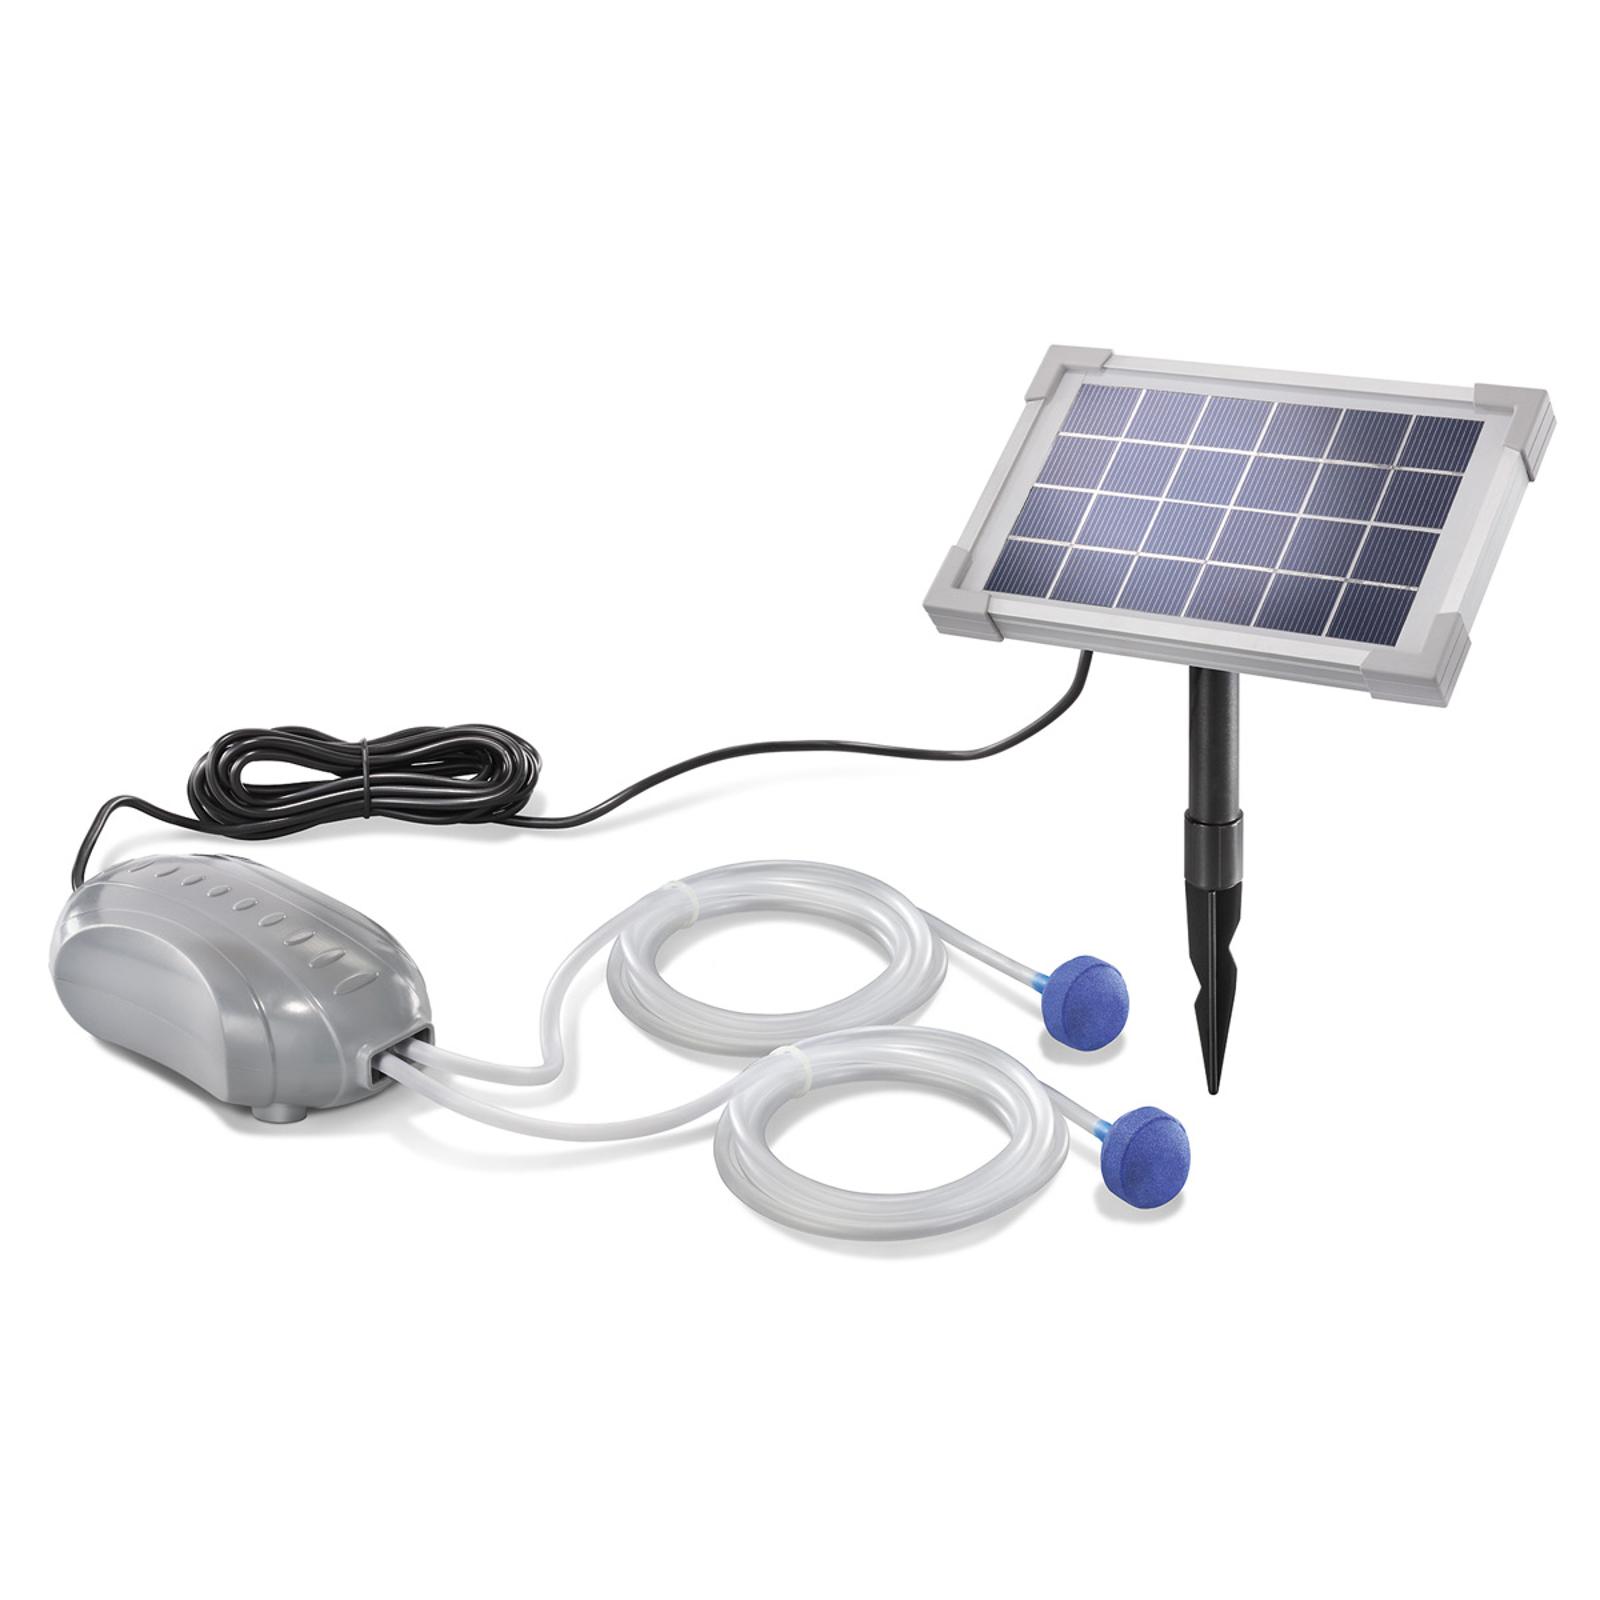 Duo Air - vijverventilator op zonne-energie